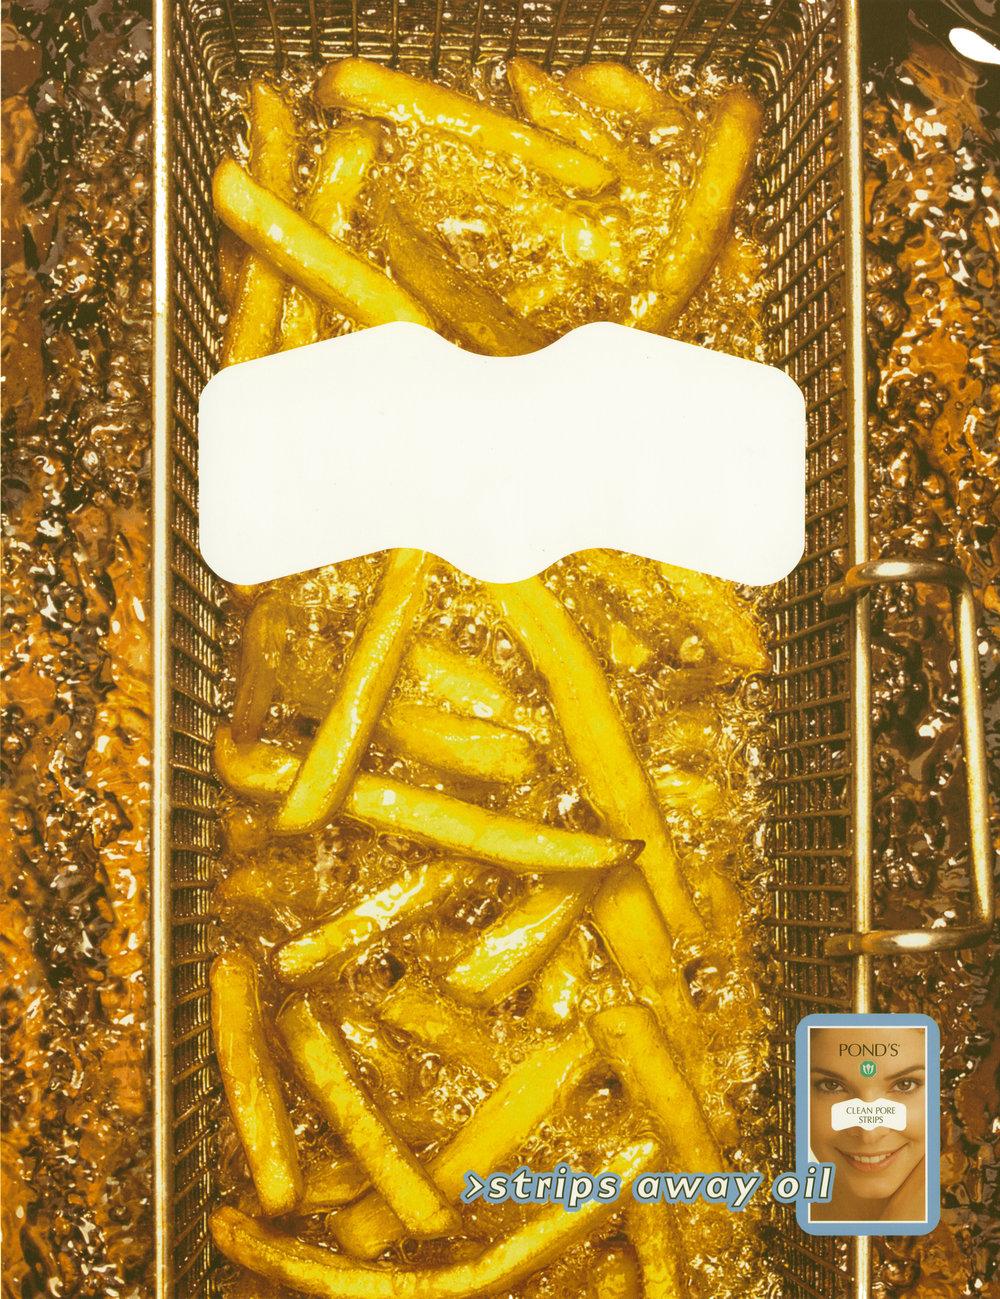 Fries Poster.jpg